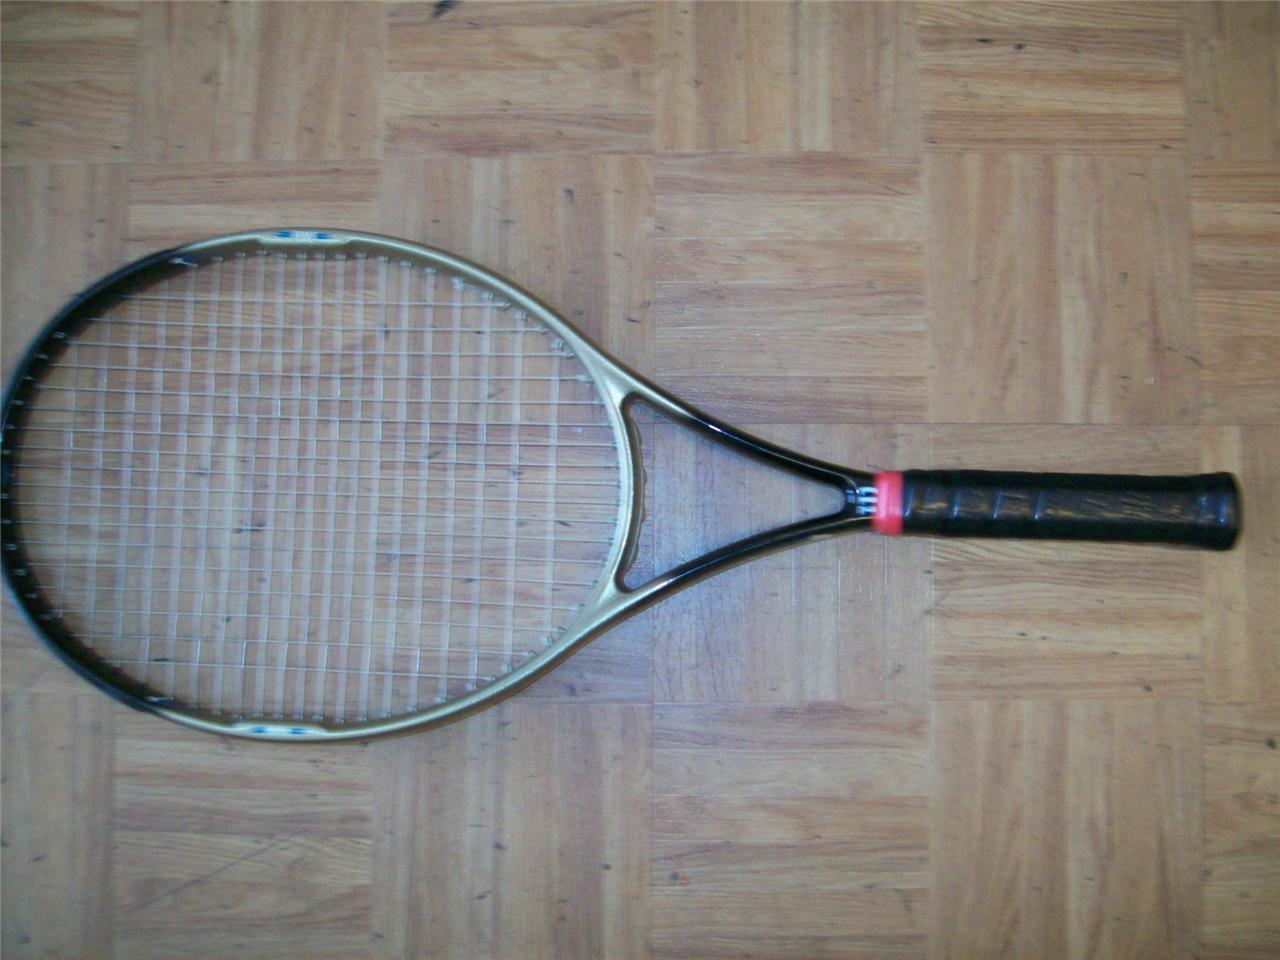 Wilson Hammer 4.0 OS 110 4 3 8 grip size Tennis Racquet